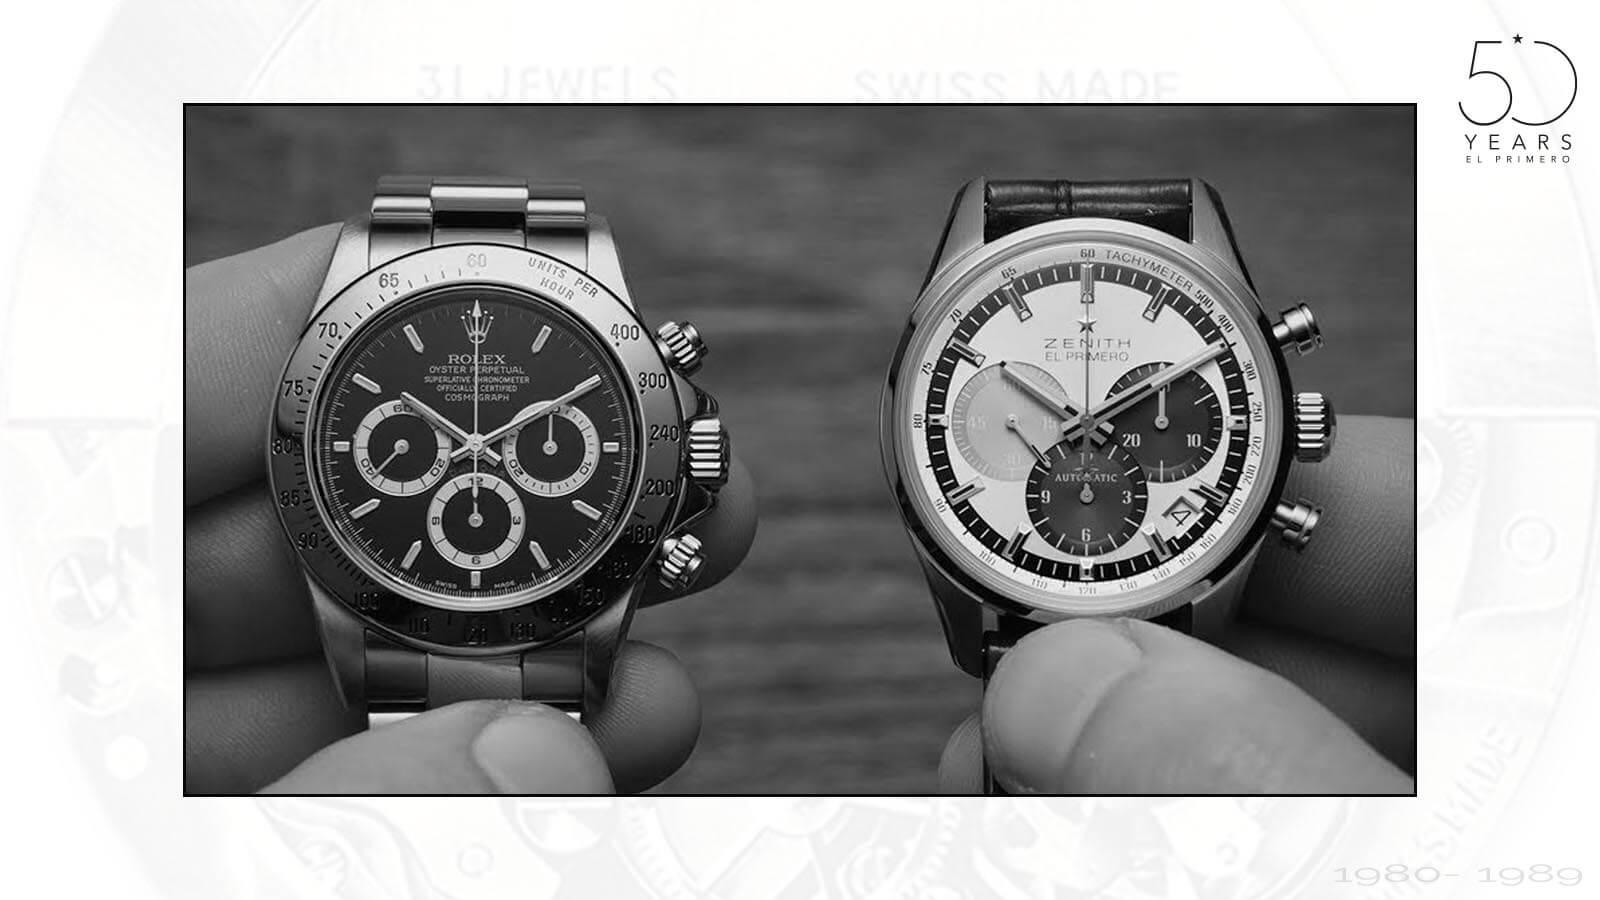 Vergleich Rolex Daytona und Zenith El Primero Chronograph